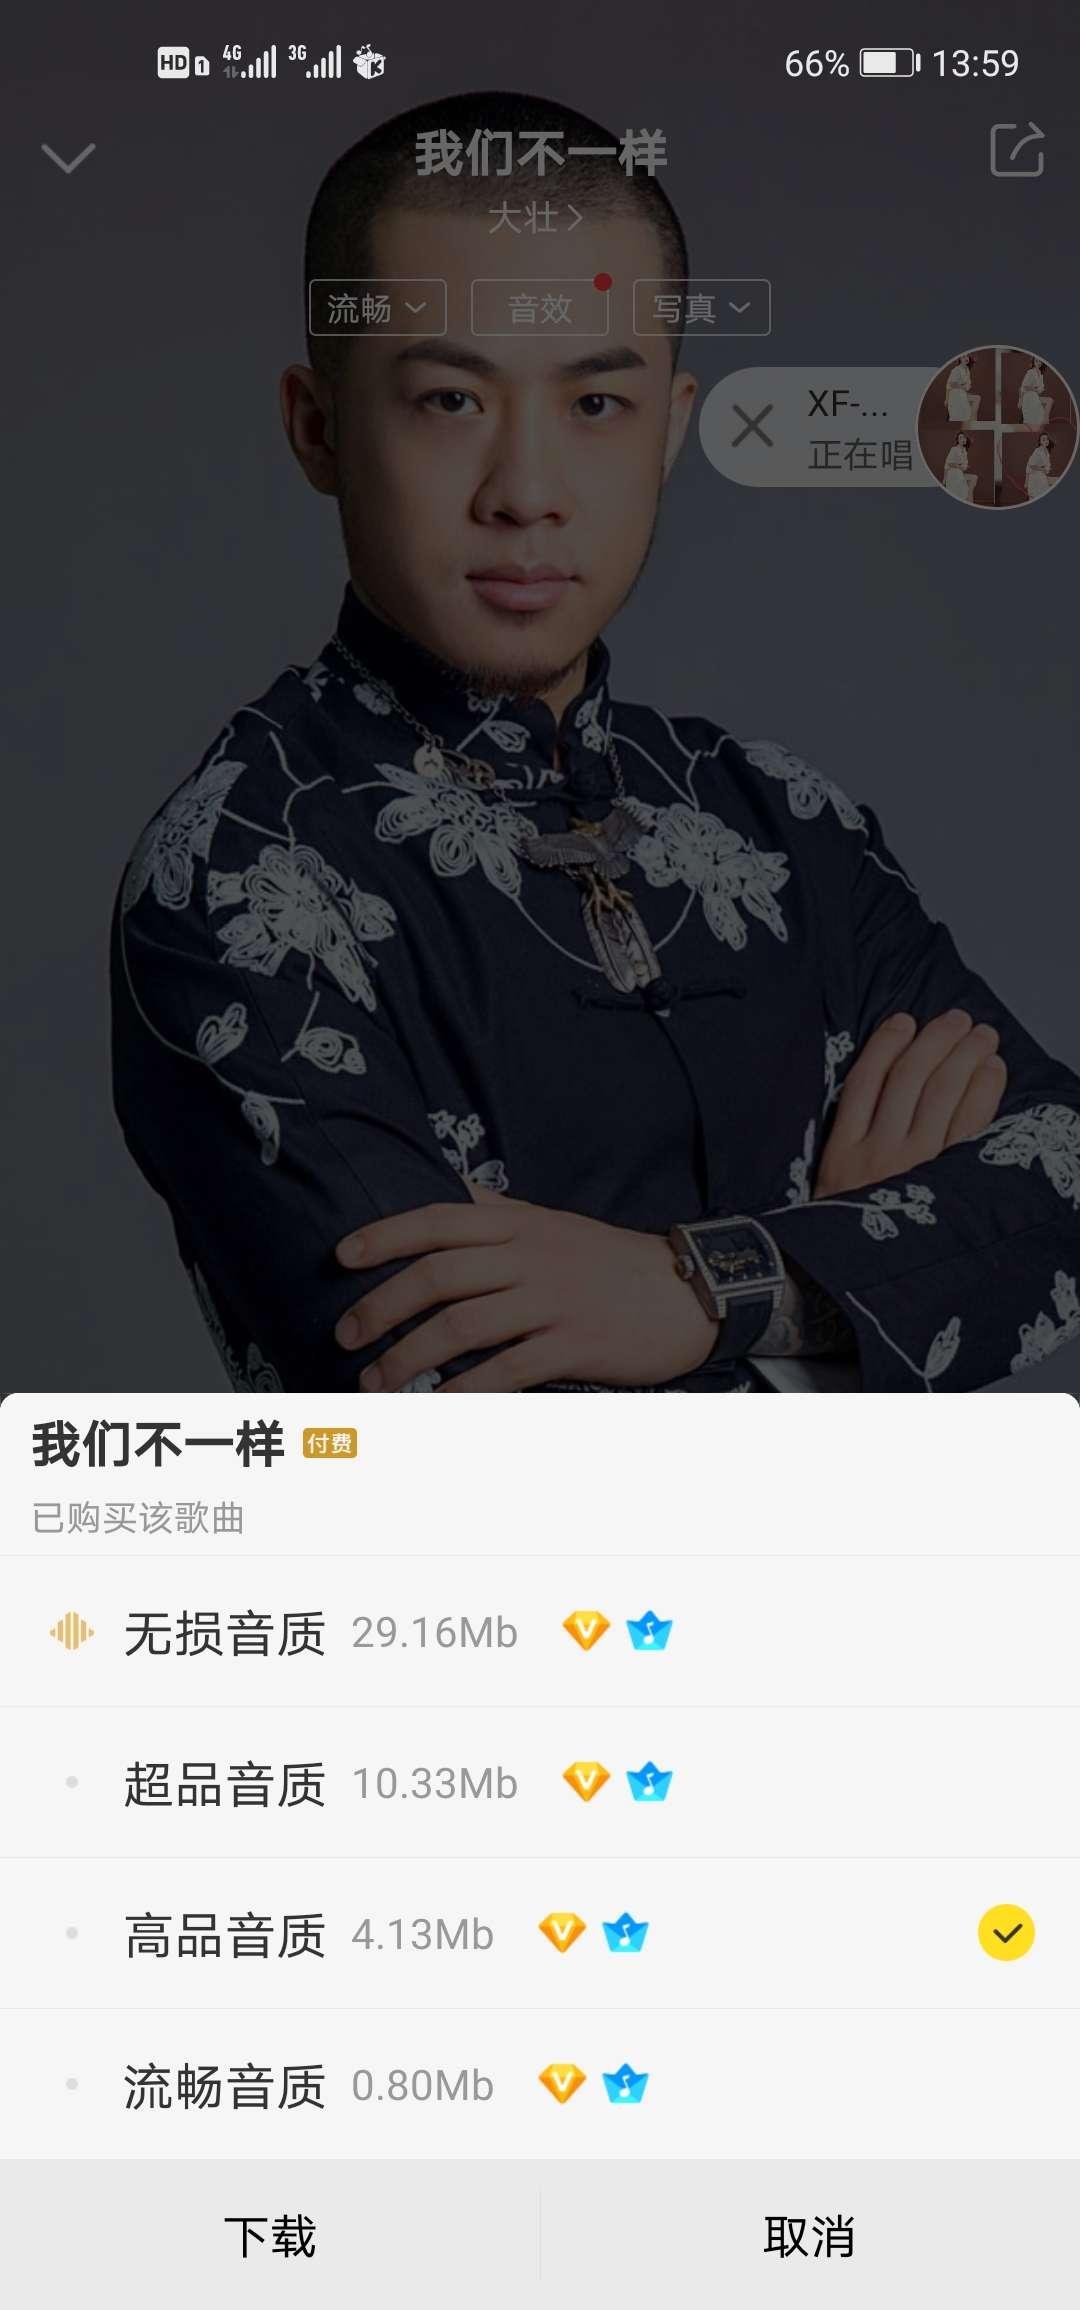 酷我音乐9.2.9.4最新版(解锁VIP功能)去广告*解锁付费